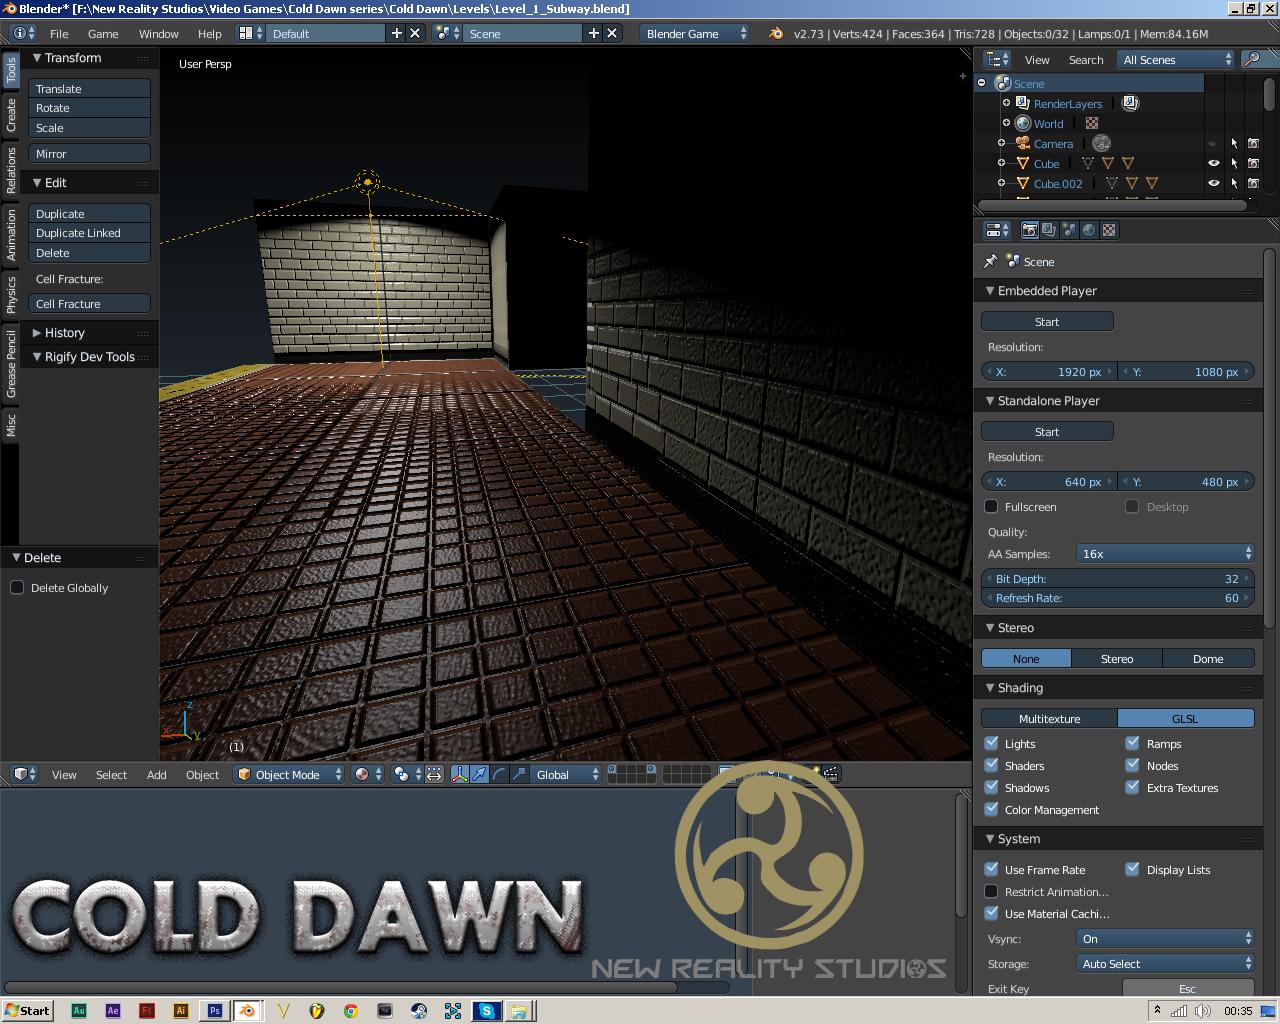 Cold Dawn Progress Level Building Image Blender Game